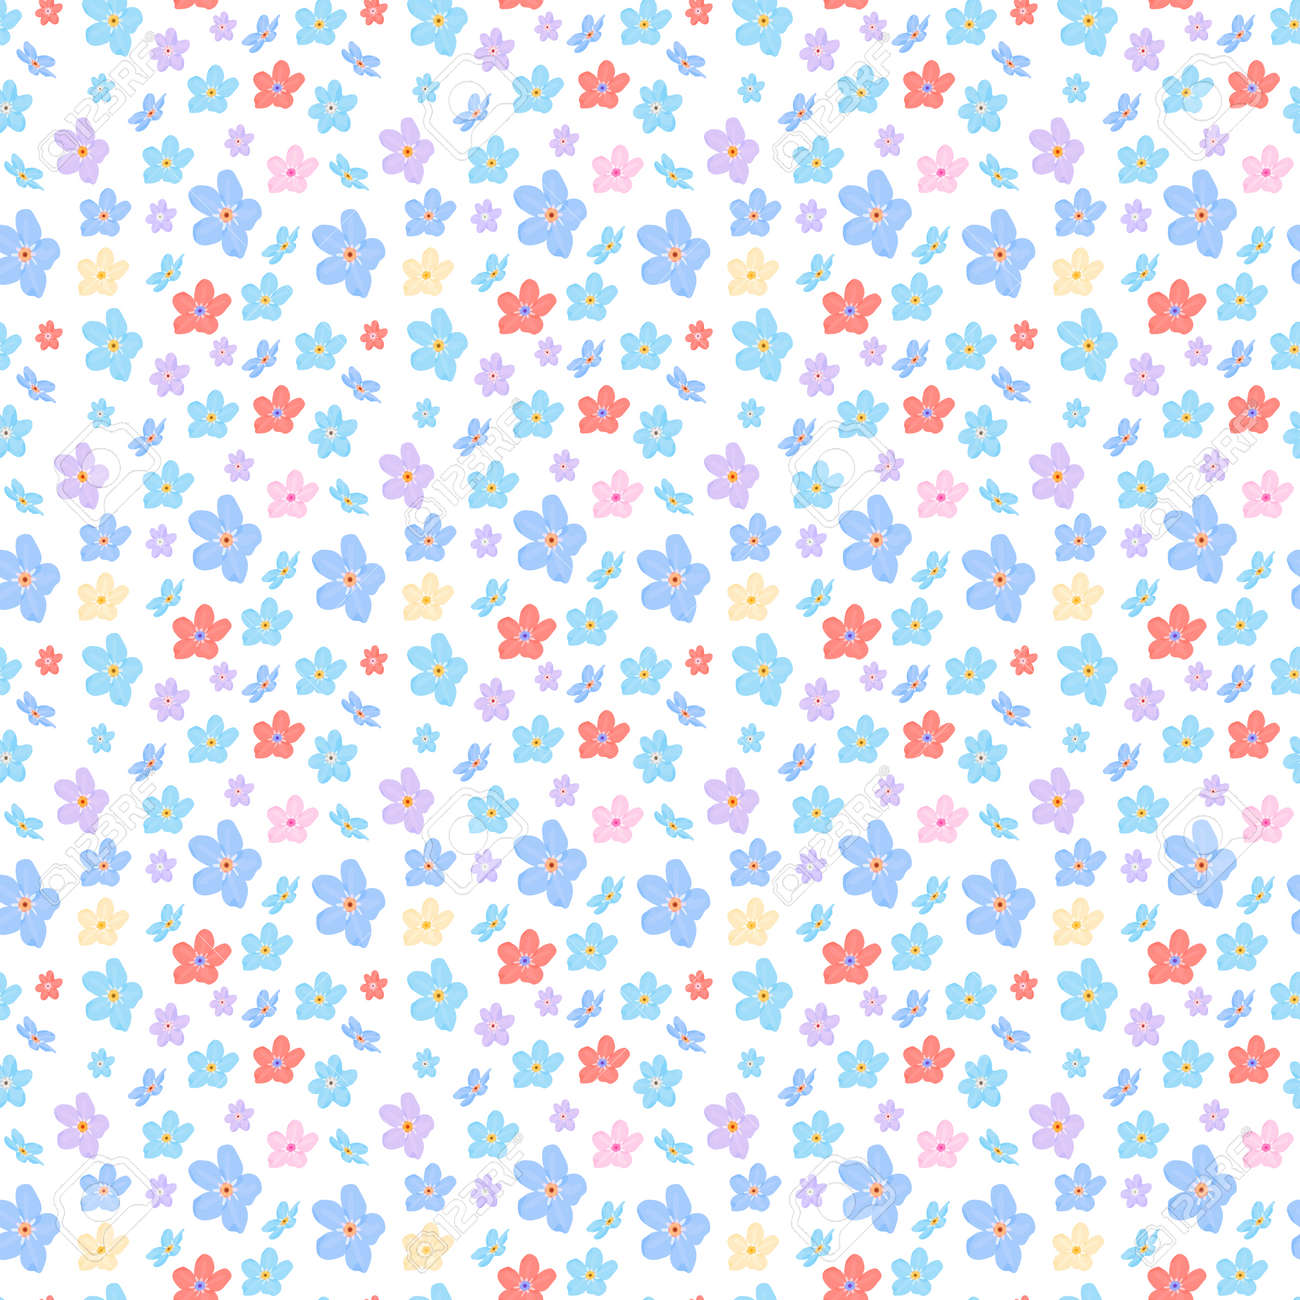 Vector Floral De Patrones Sin Fisuras. Ilustración De Pequeñas ...